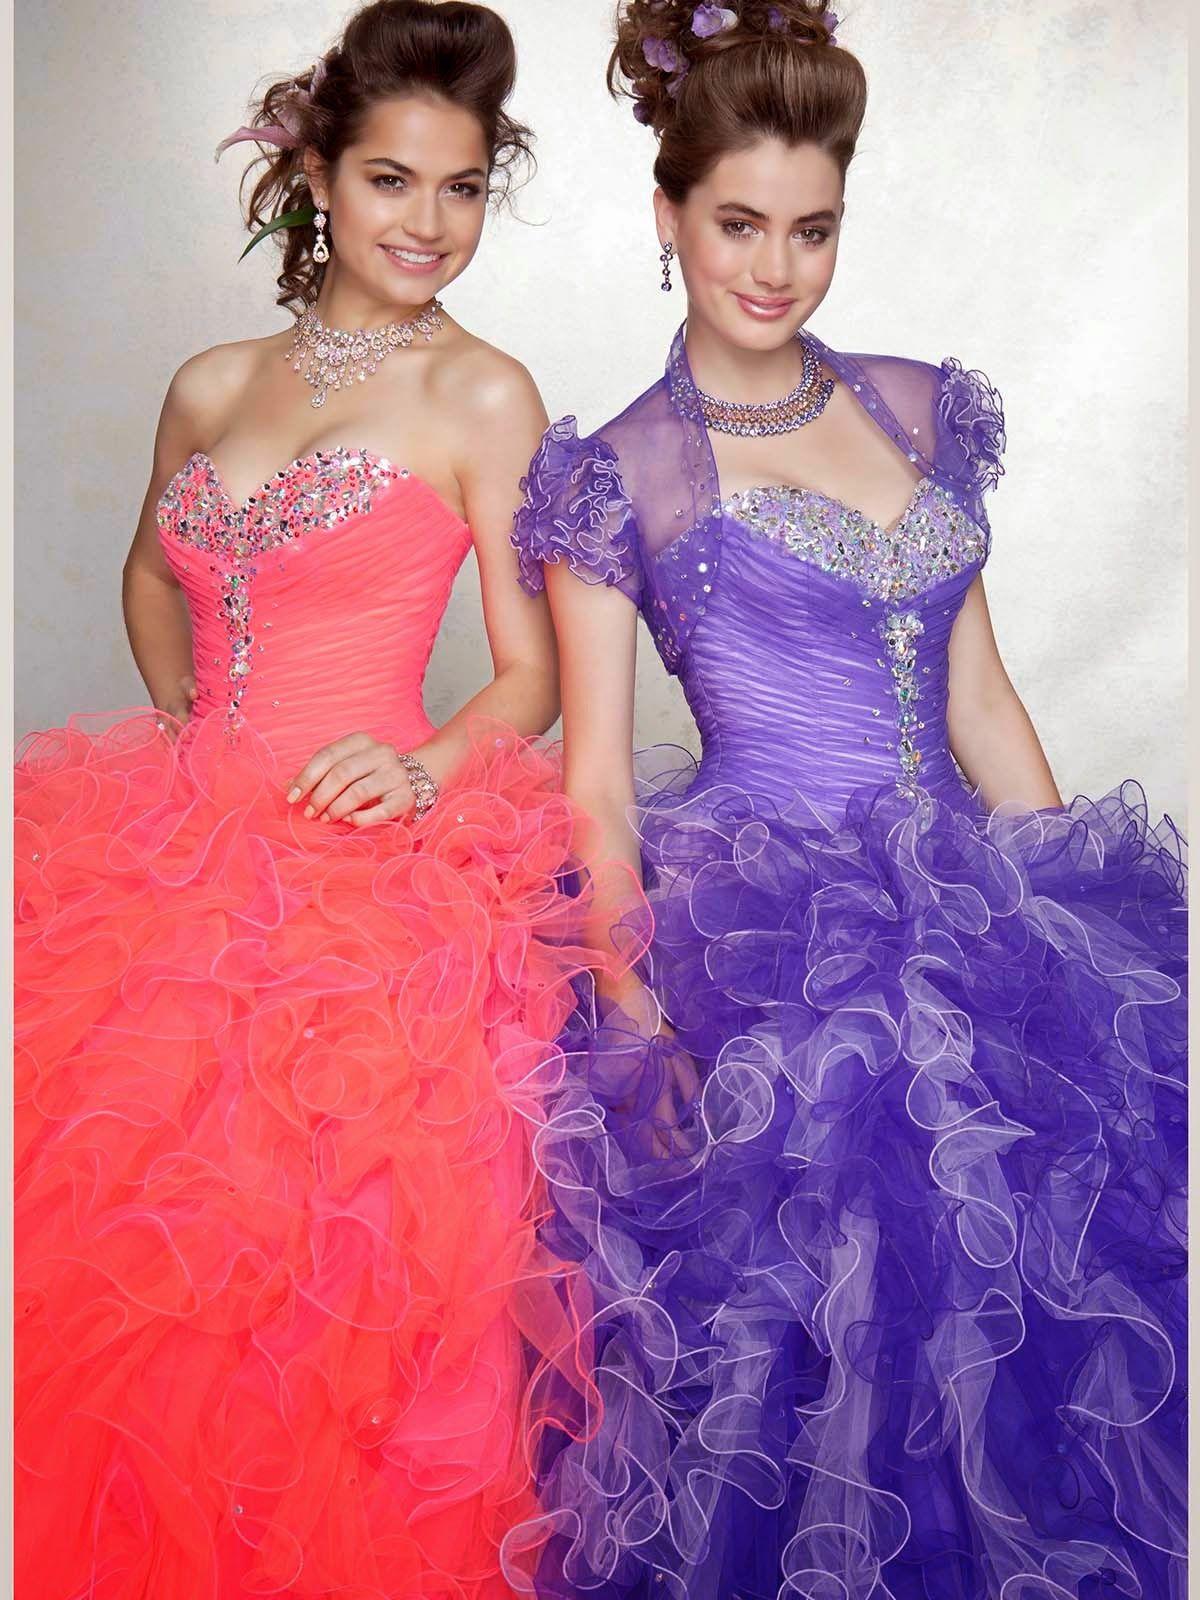 Estupendos vestidos de 15 años | Moda 2014 | vestidossssss ...